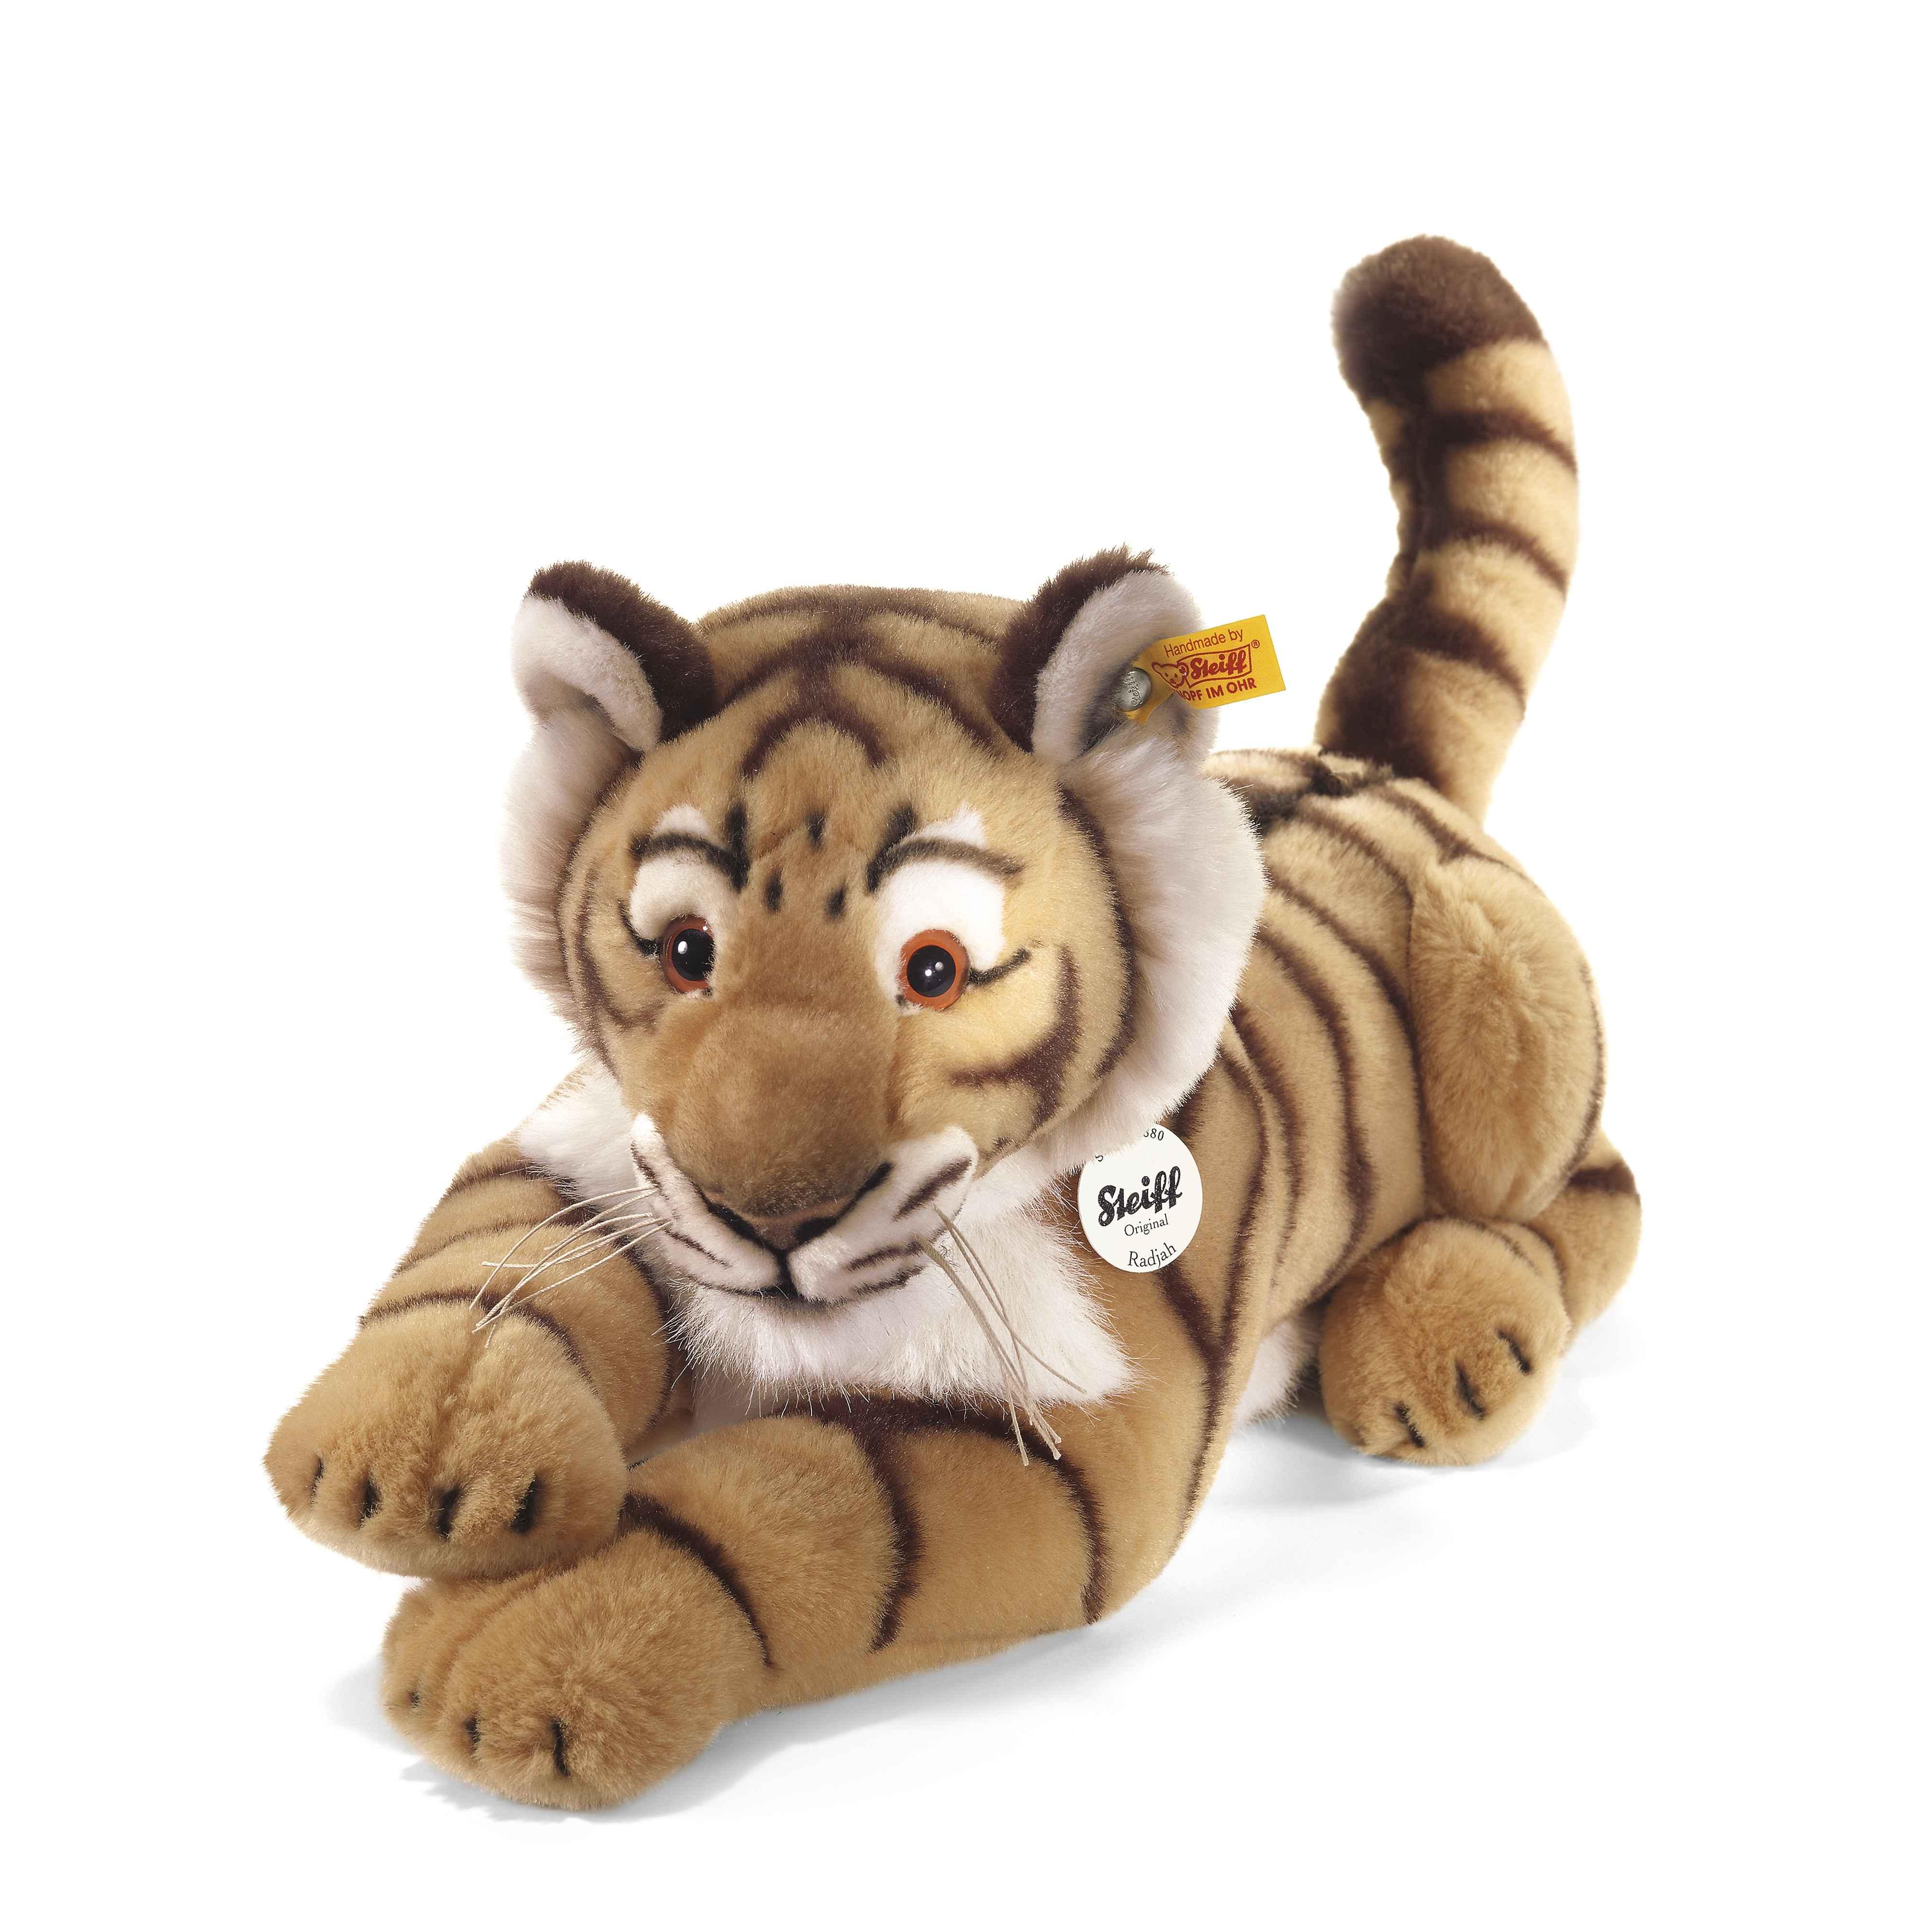 Steiff Radjah tiger